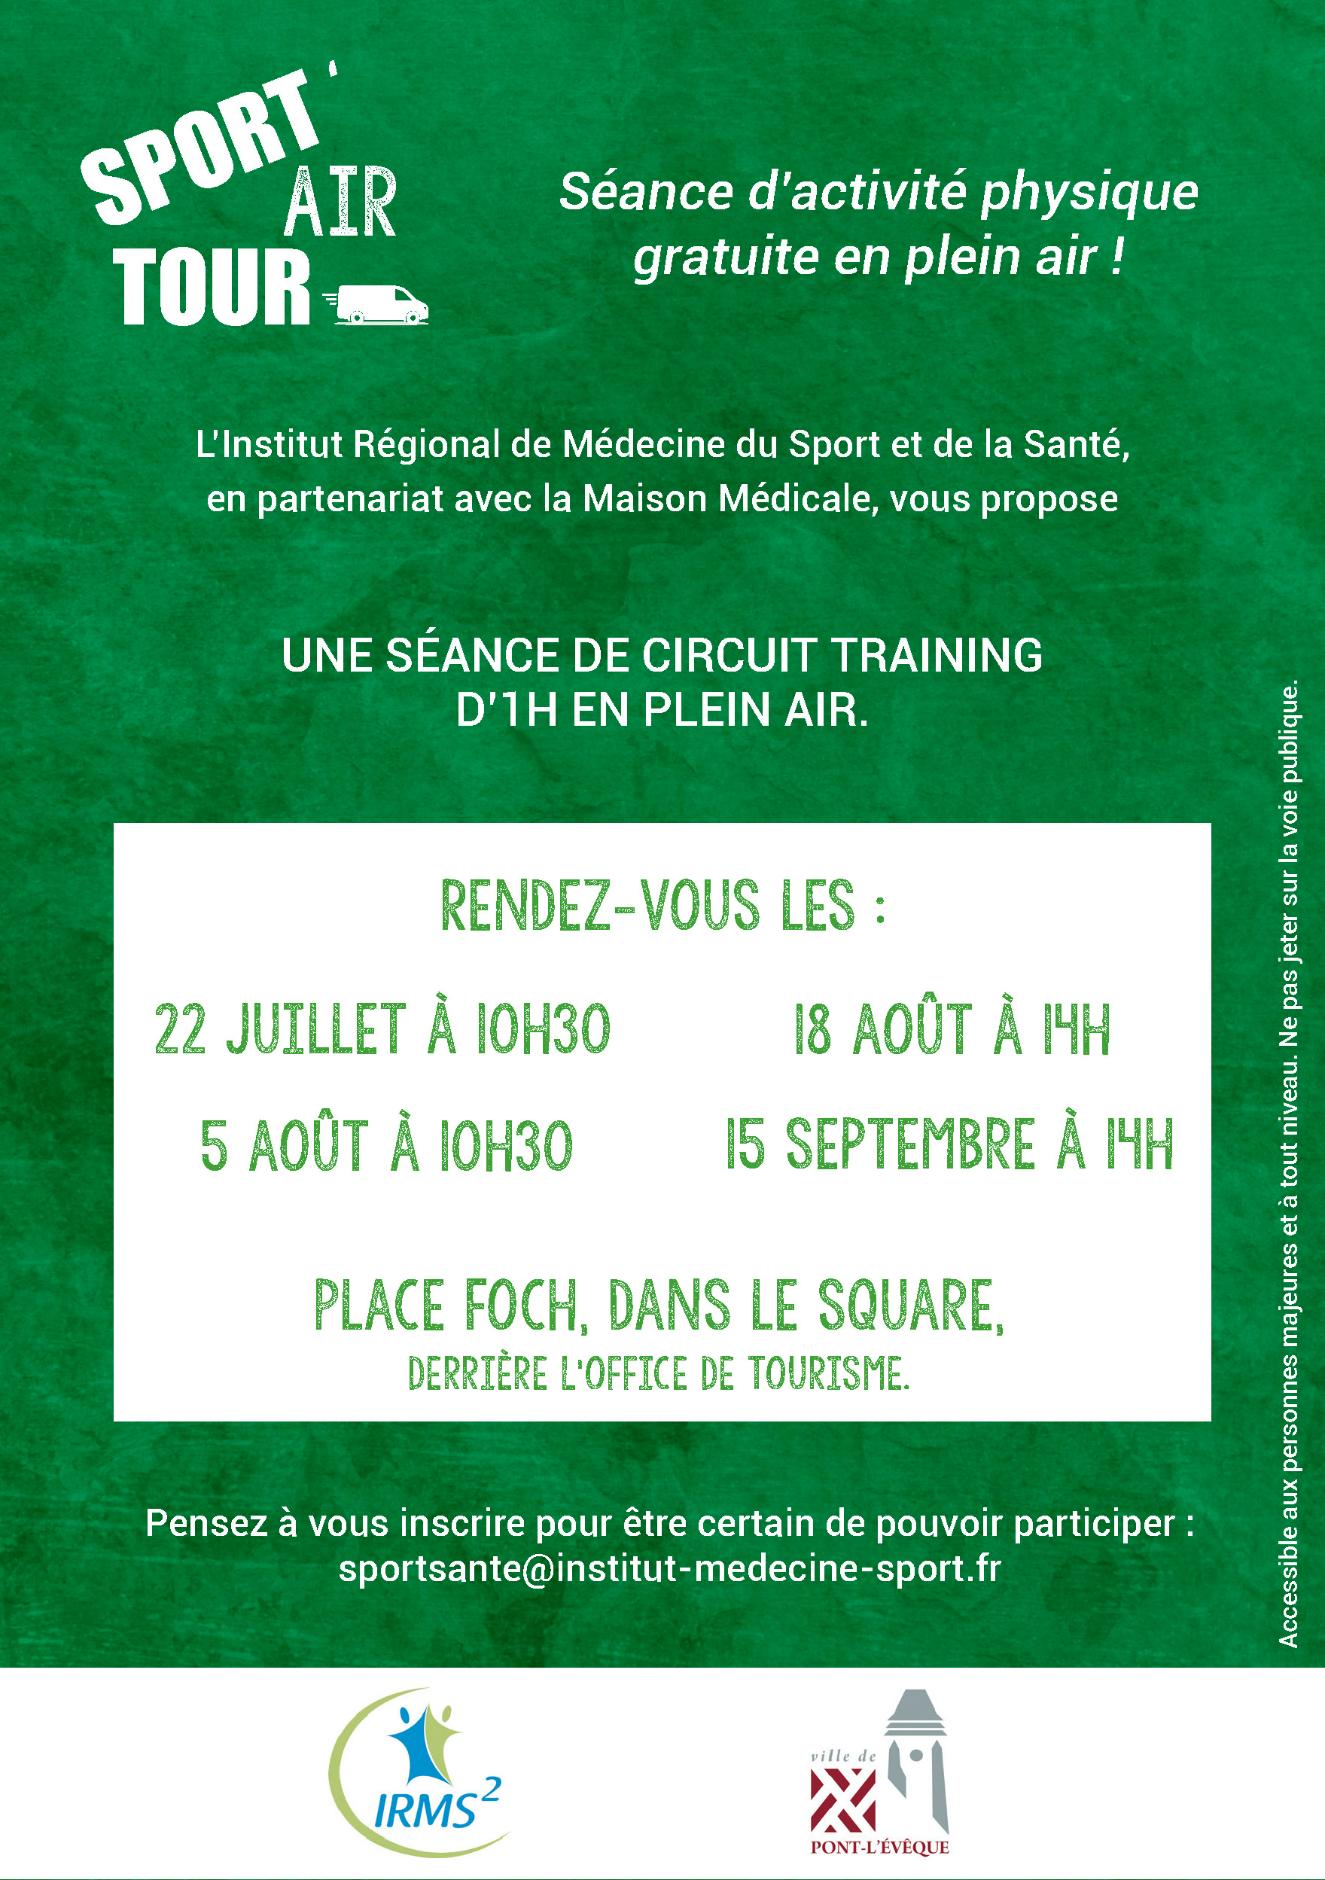 flyer-pont-leveque-air-sport-tour